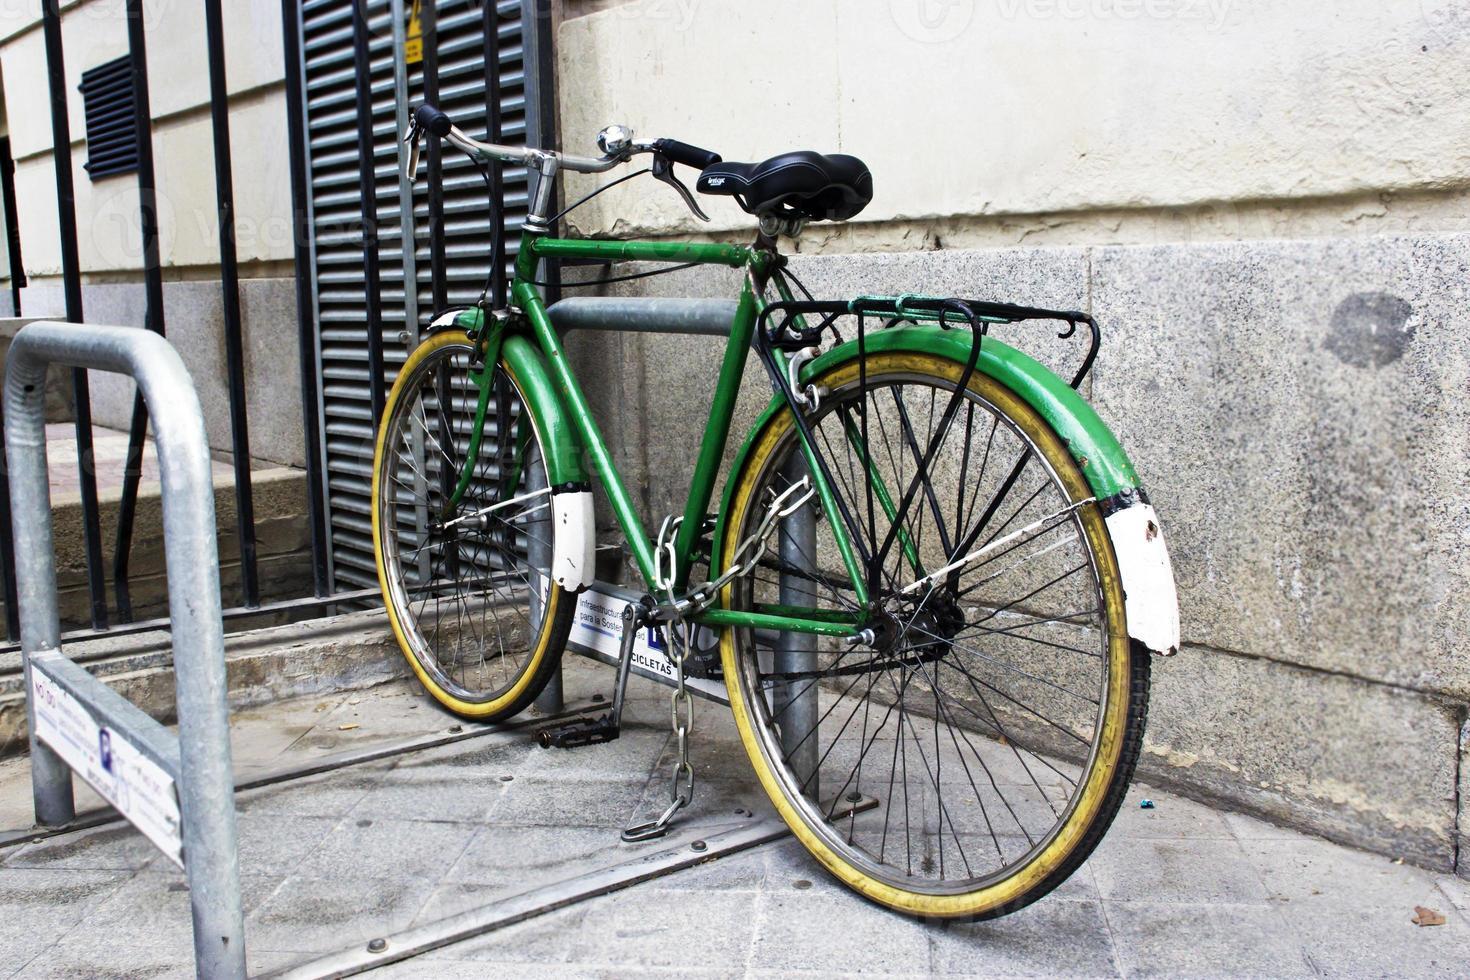 fiets in de stadsparking foto